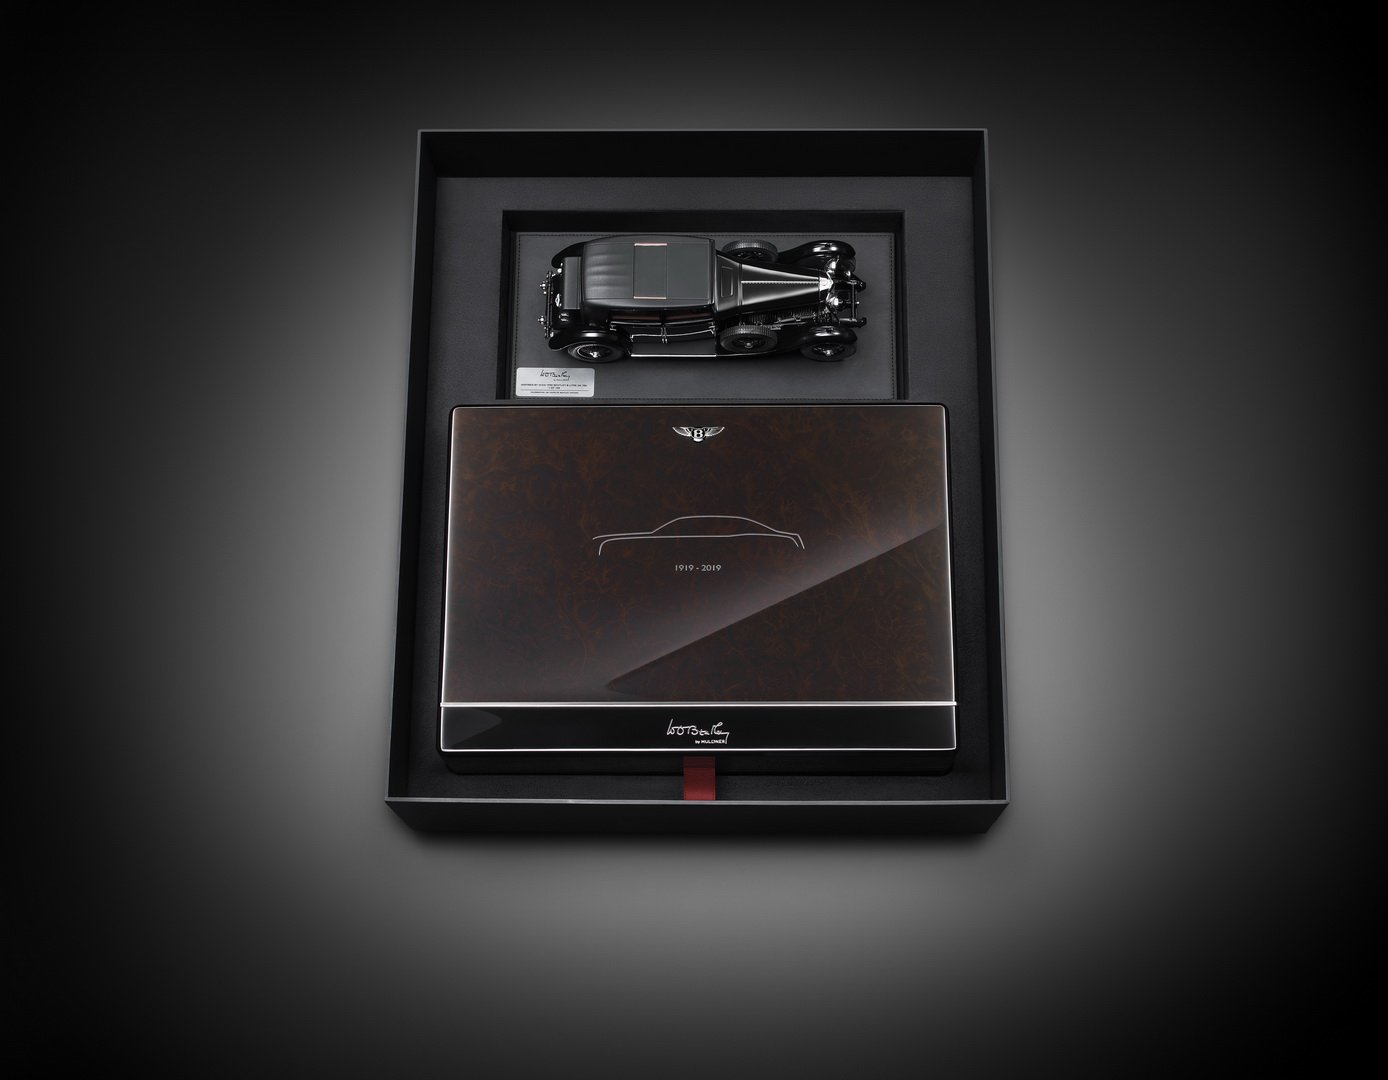 df590e02-bentley-mulsanne-commemorative-case-1